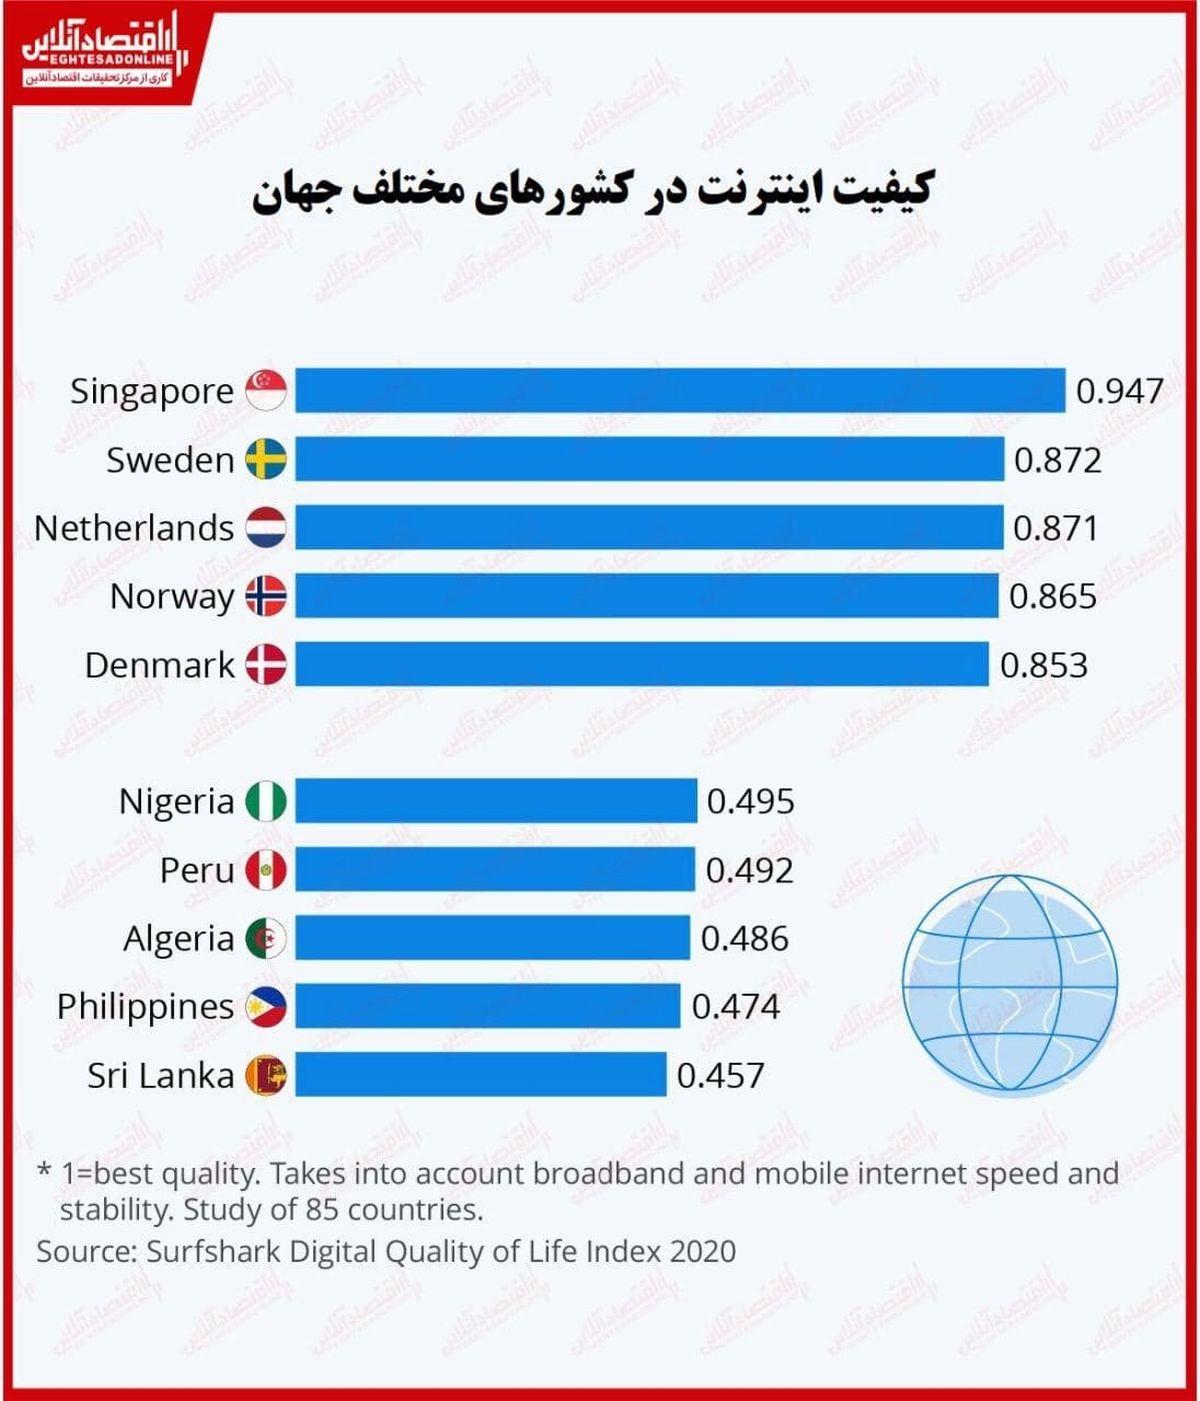 کیفیت اینترنت در شهرهای مختلف جهان چگونه است؟